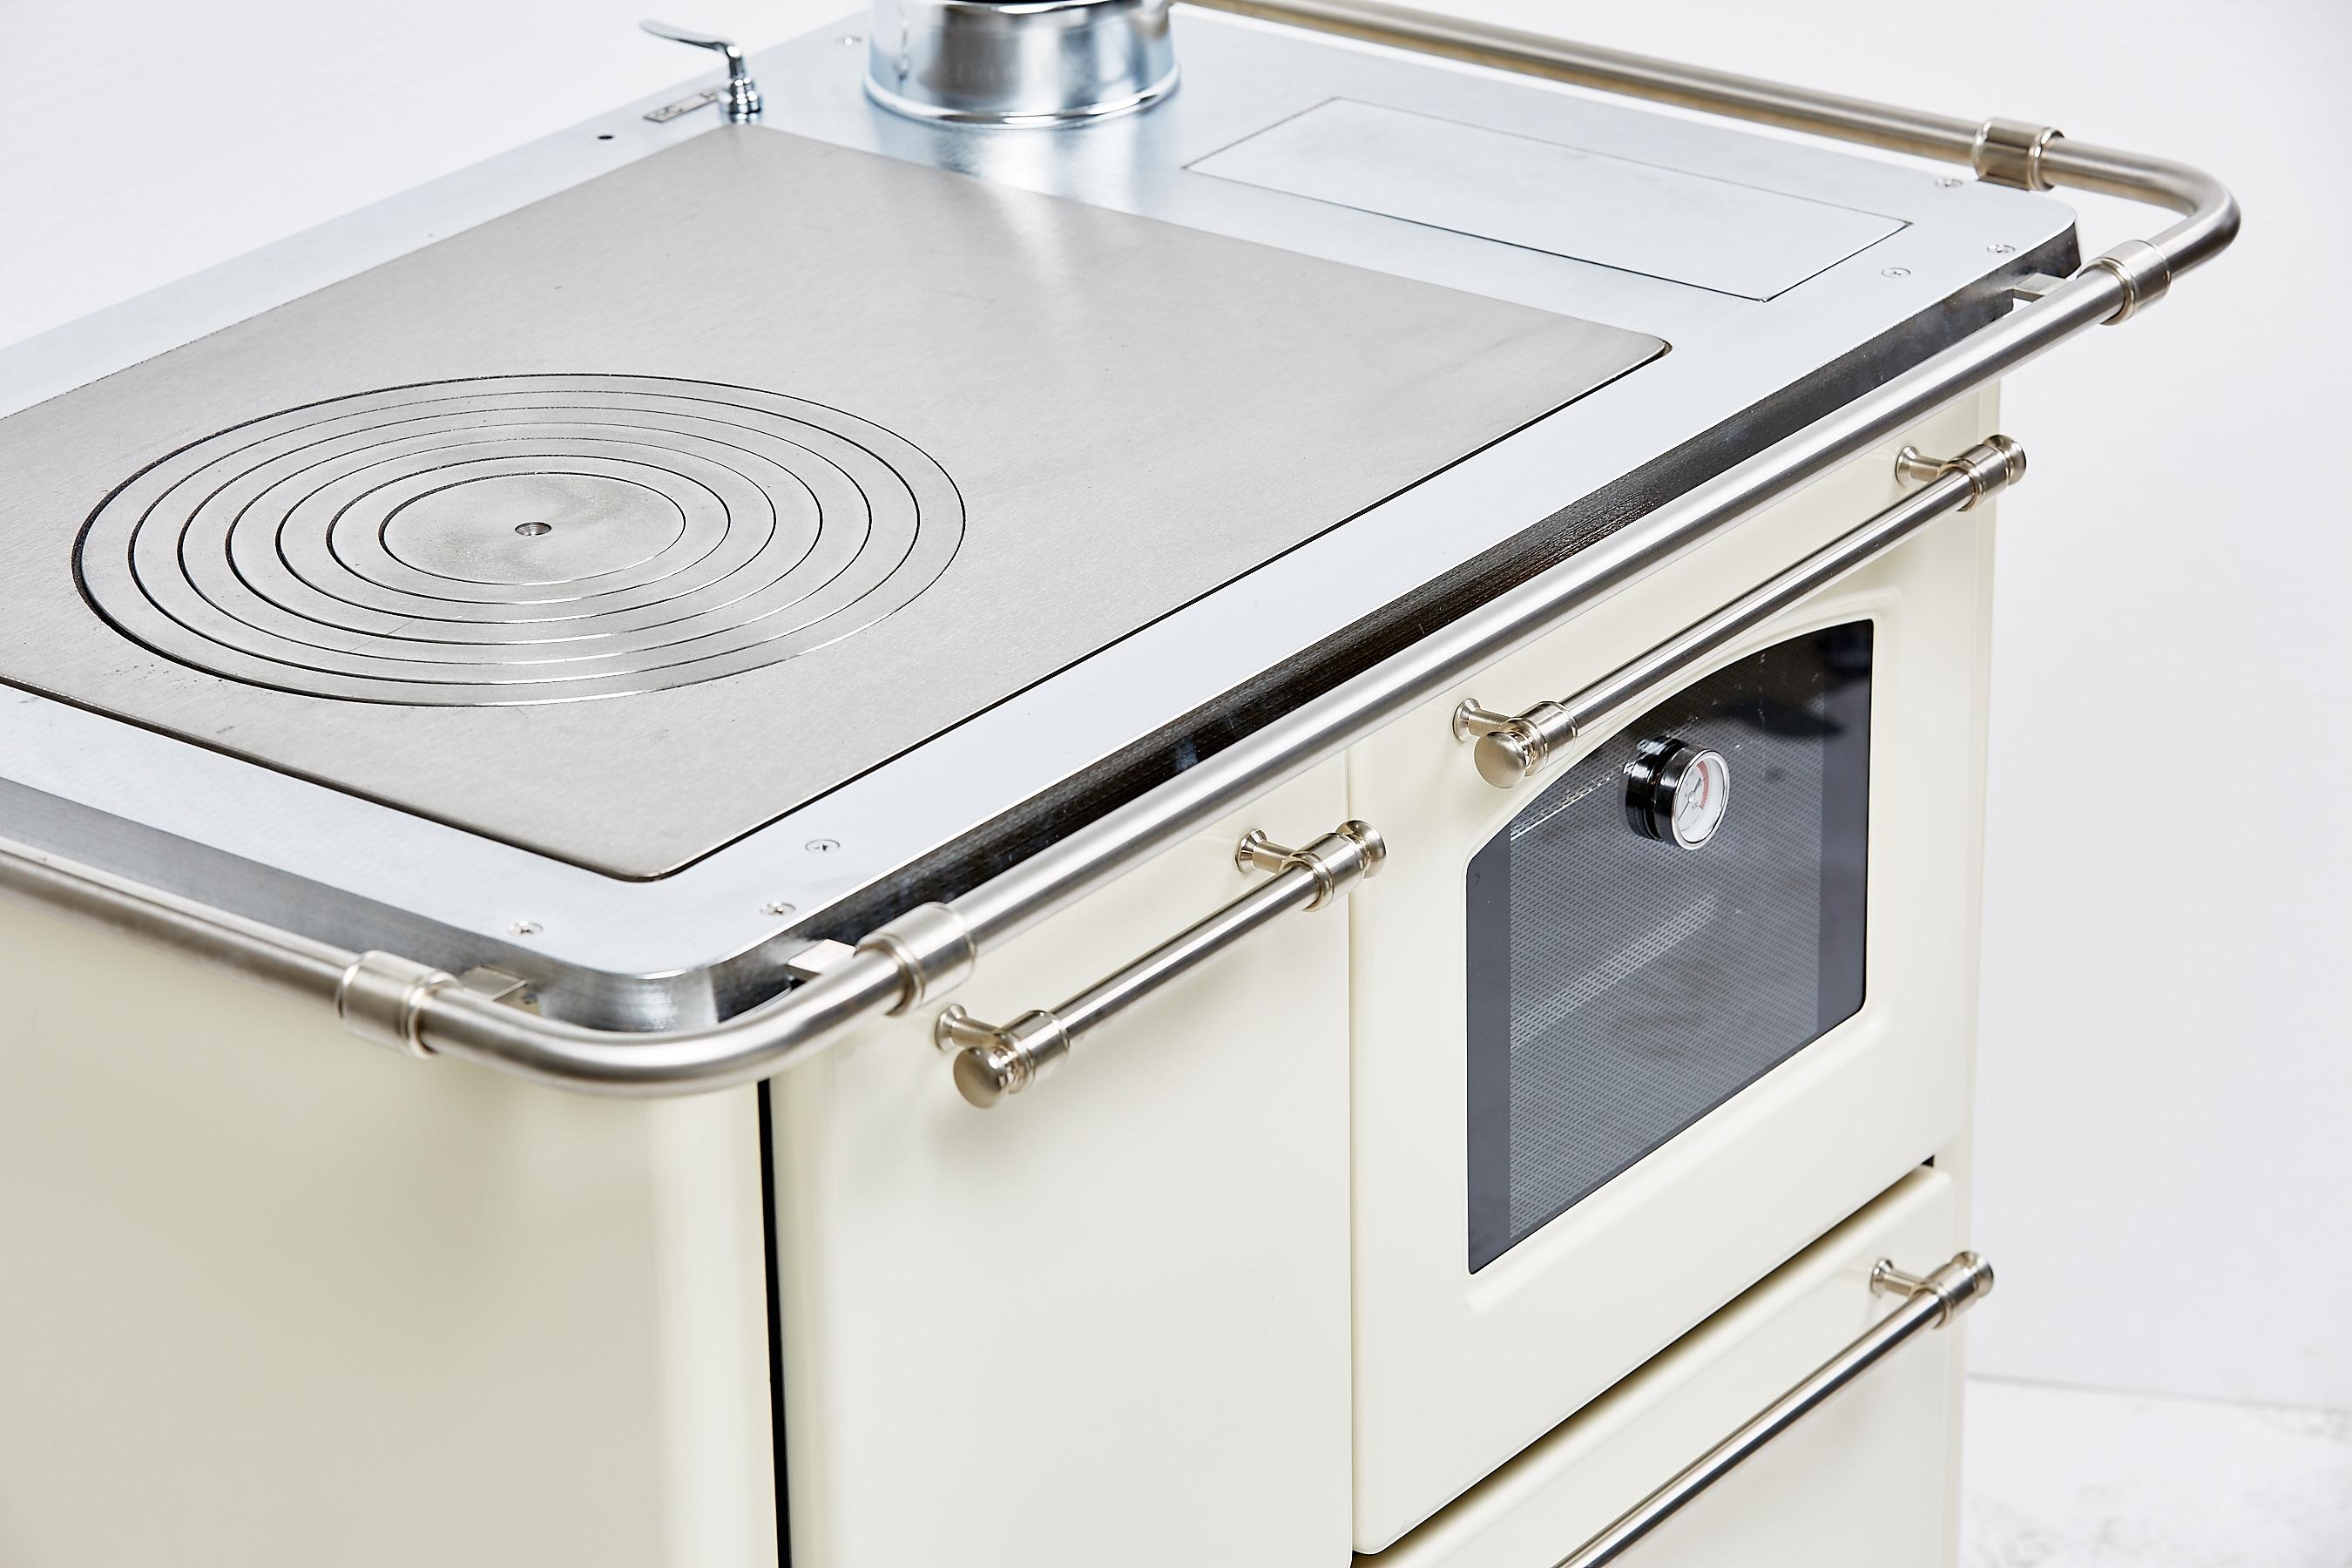 Cucina economica n 5 cucine stufe a legna e termocucine - Cucina a legna economica ...